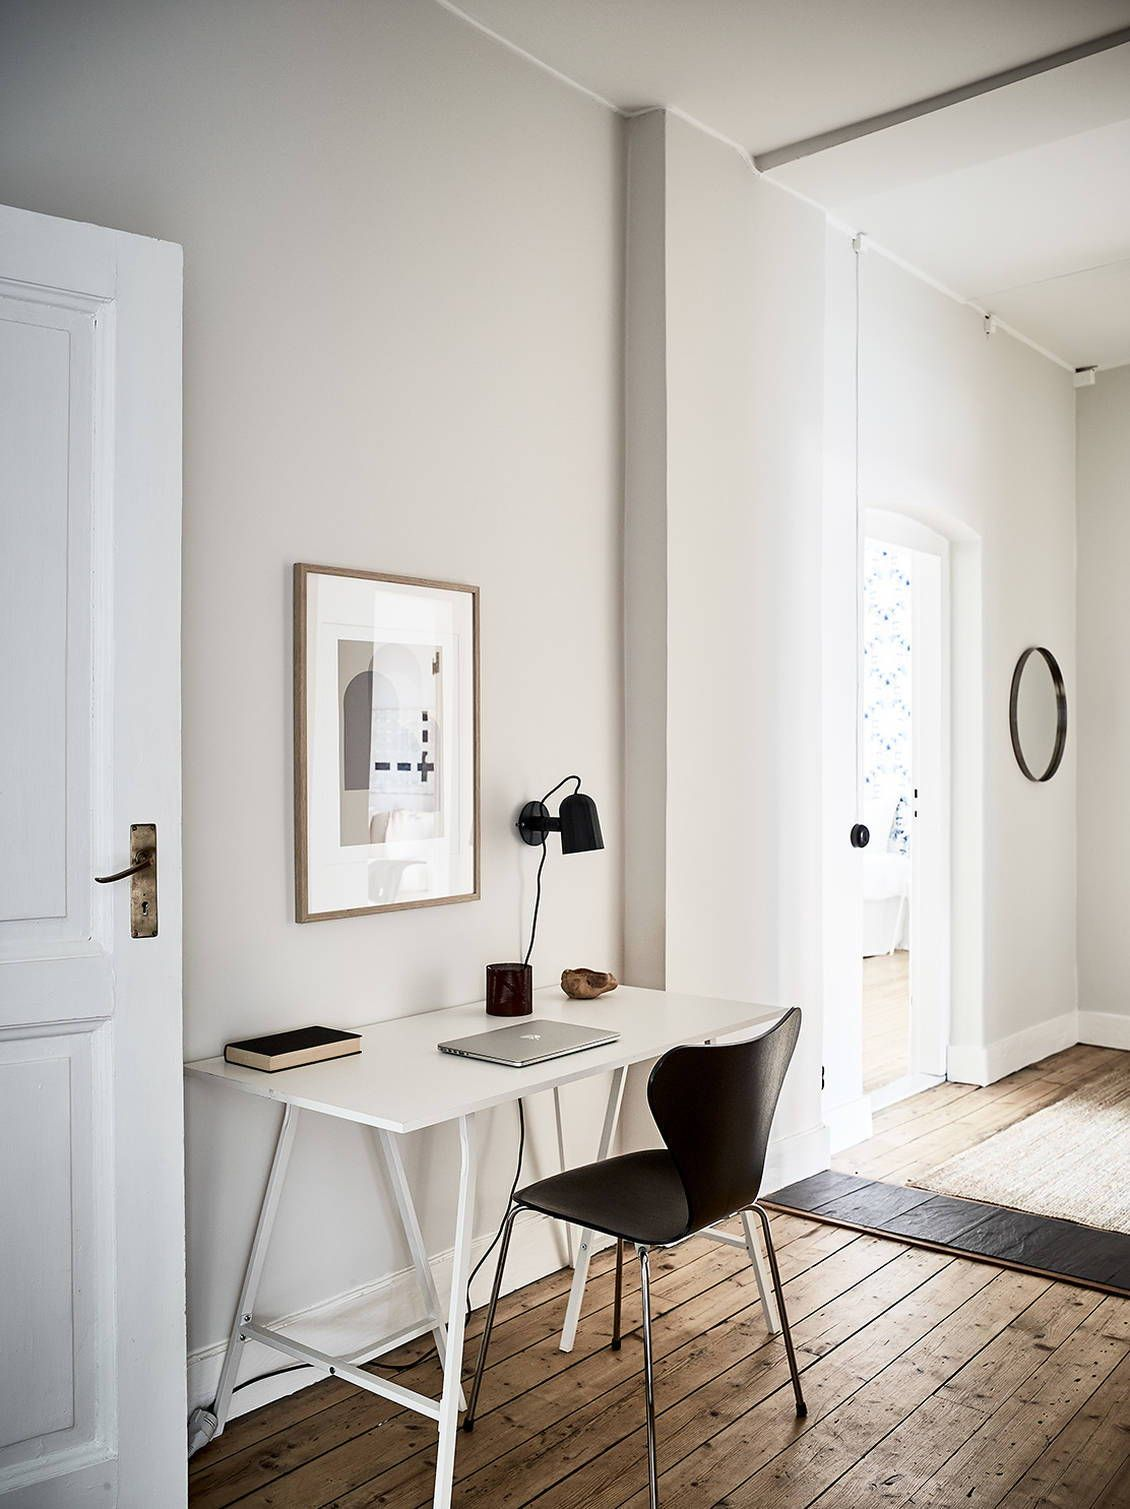 Kleines badezimmer design 5 'x 6' beige home with black accents  office  pinterest  home interior